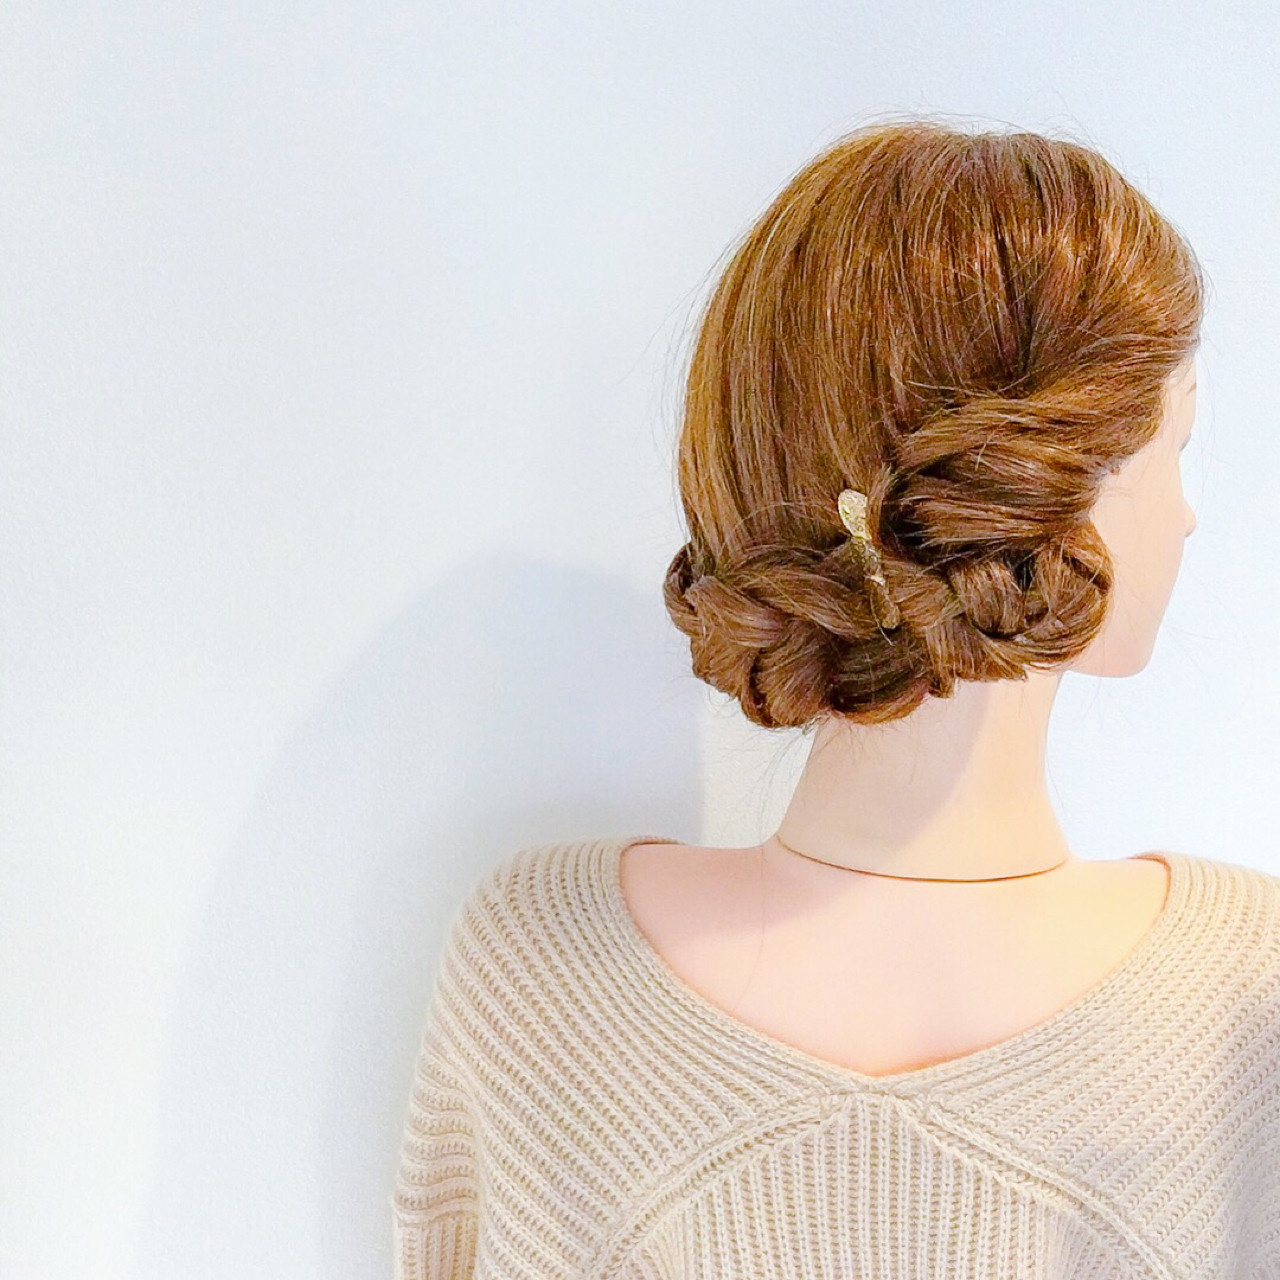 ヘアアレンジ 簡単ヘアアレンジ フェミニン セミロング ヘアスタイルや髪型の写真・画像